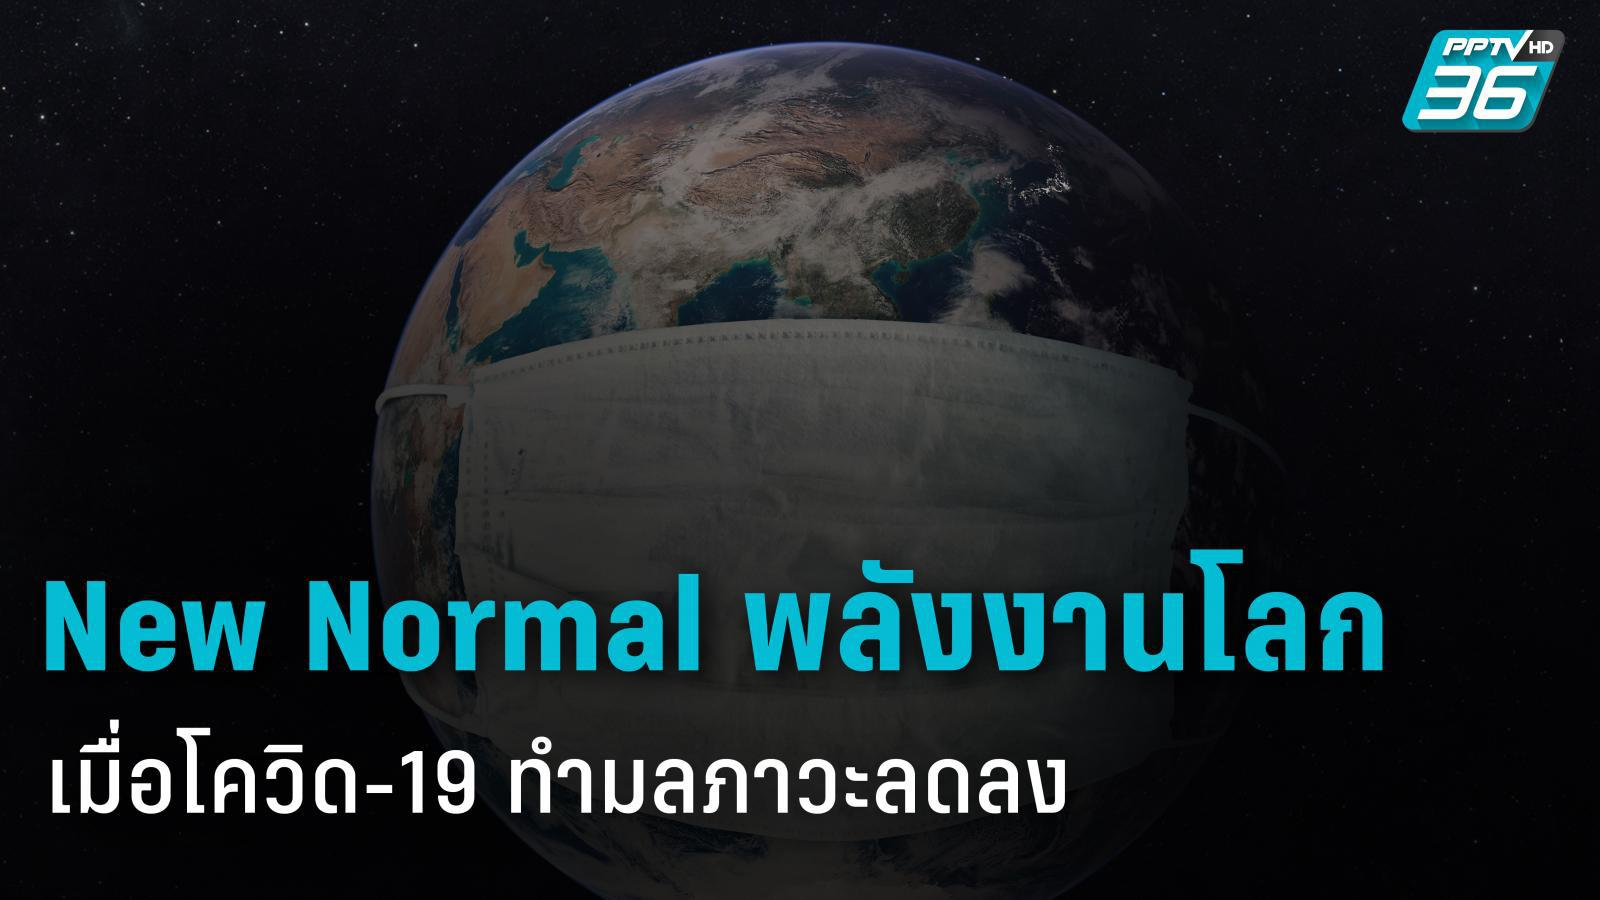 โควิด-19 อาจสร้าง New Normal ความต้องการใช้พลังงานของโลก